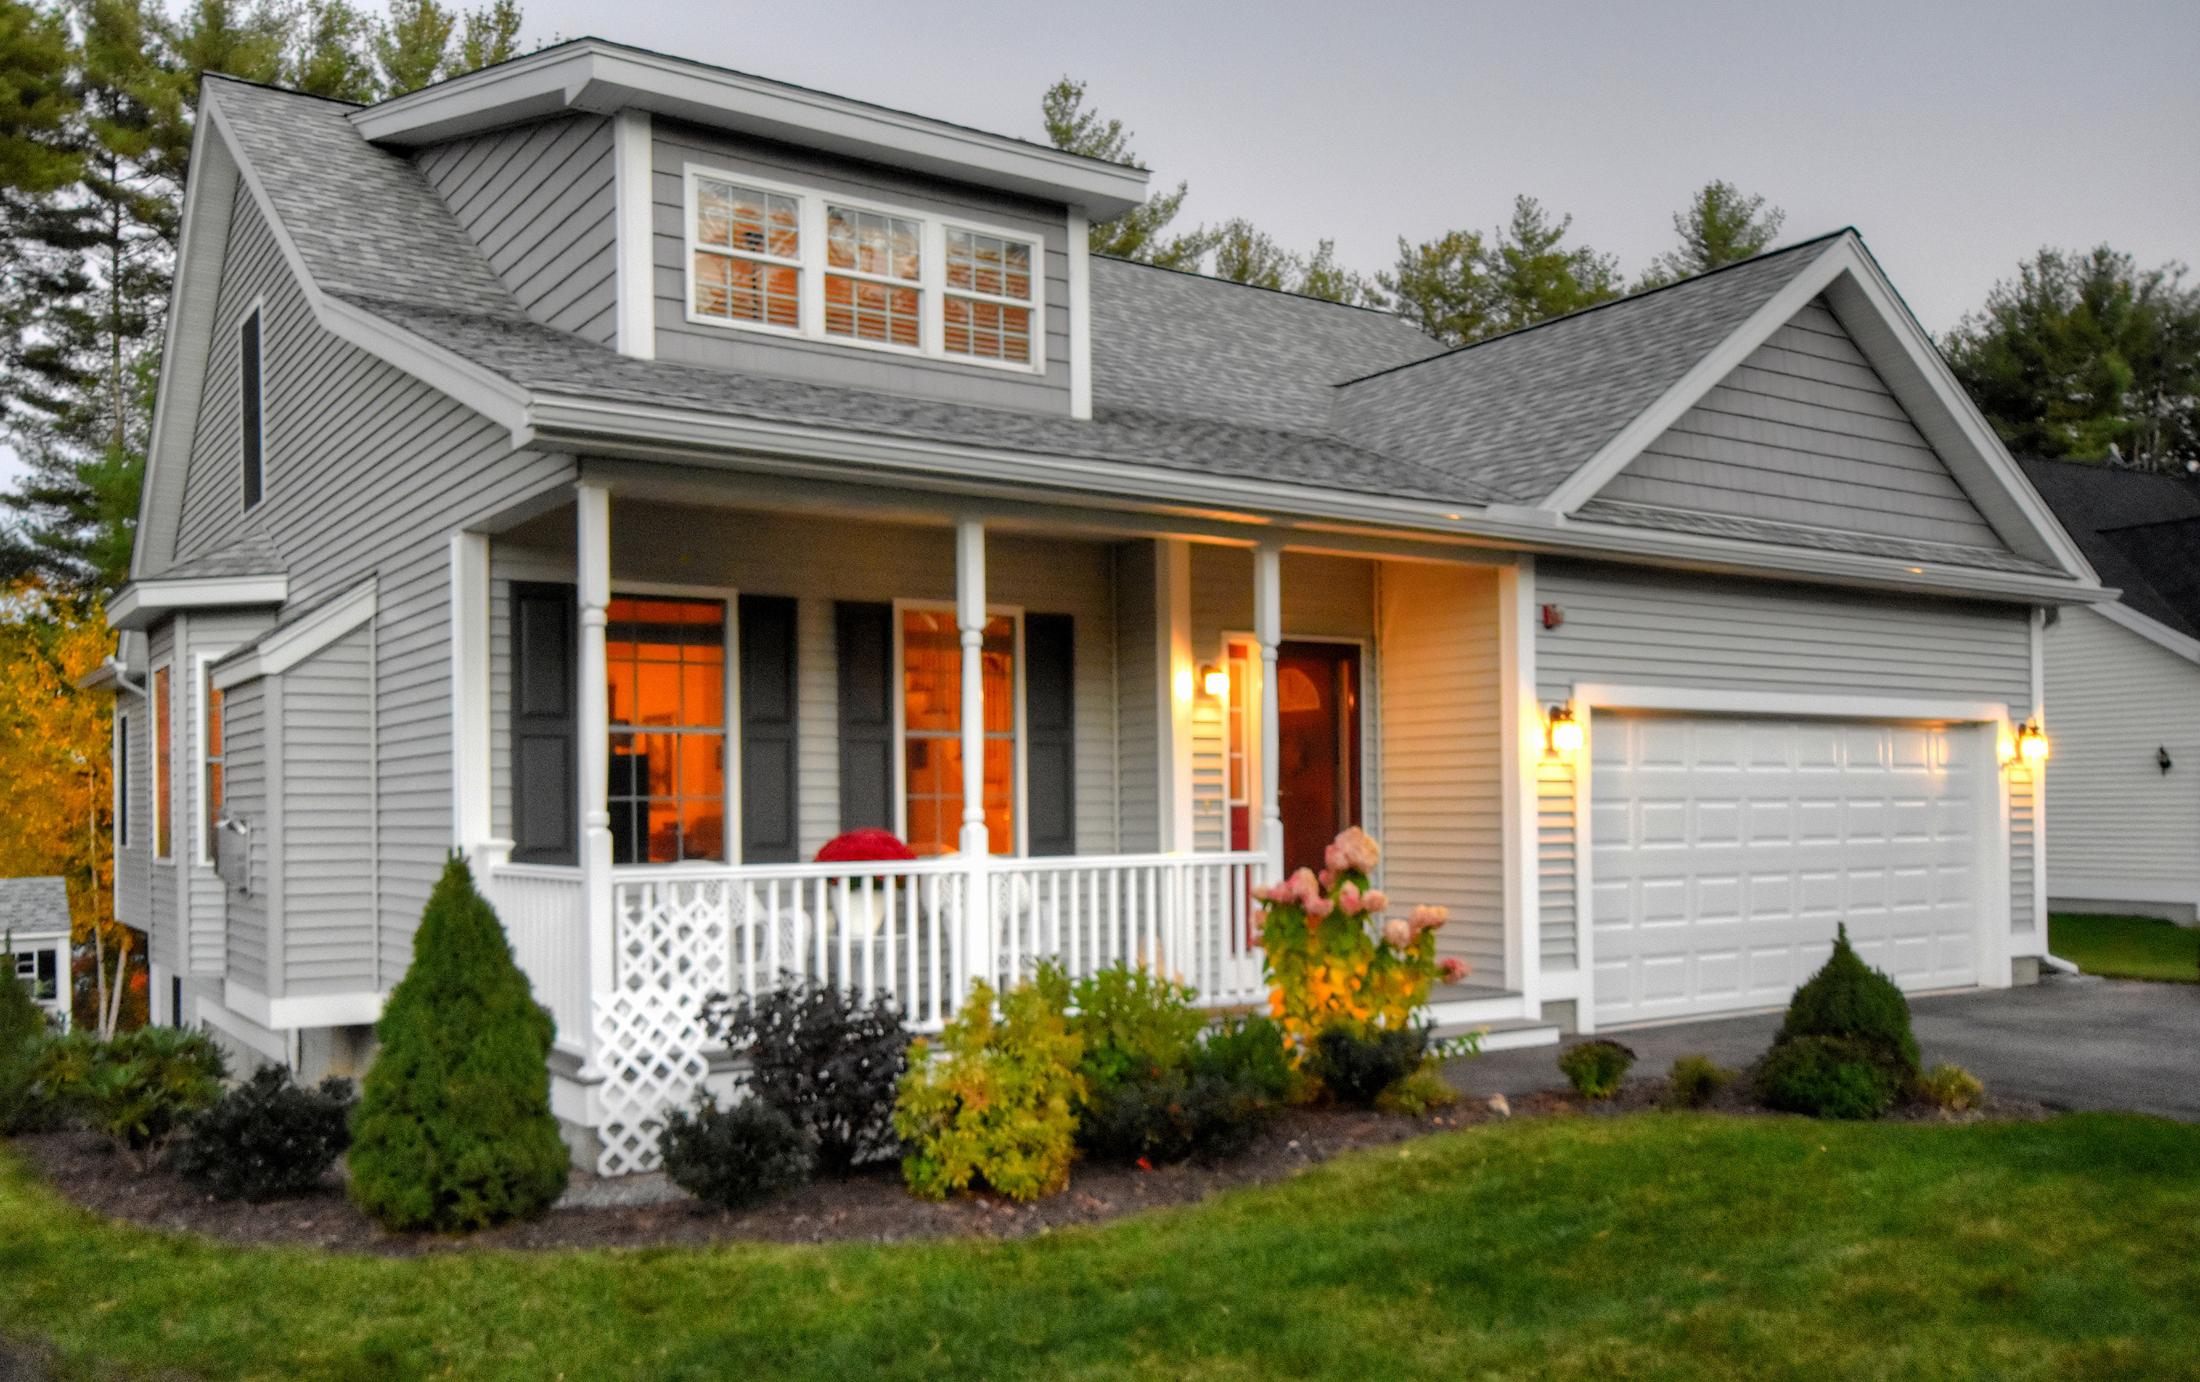 Maison unifamiliale pour l Vente à 36 Port Way, Laconia Laconia, New Hampshire, 03246 États-Unis